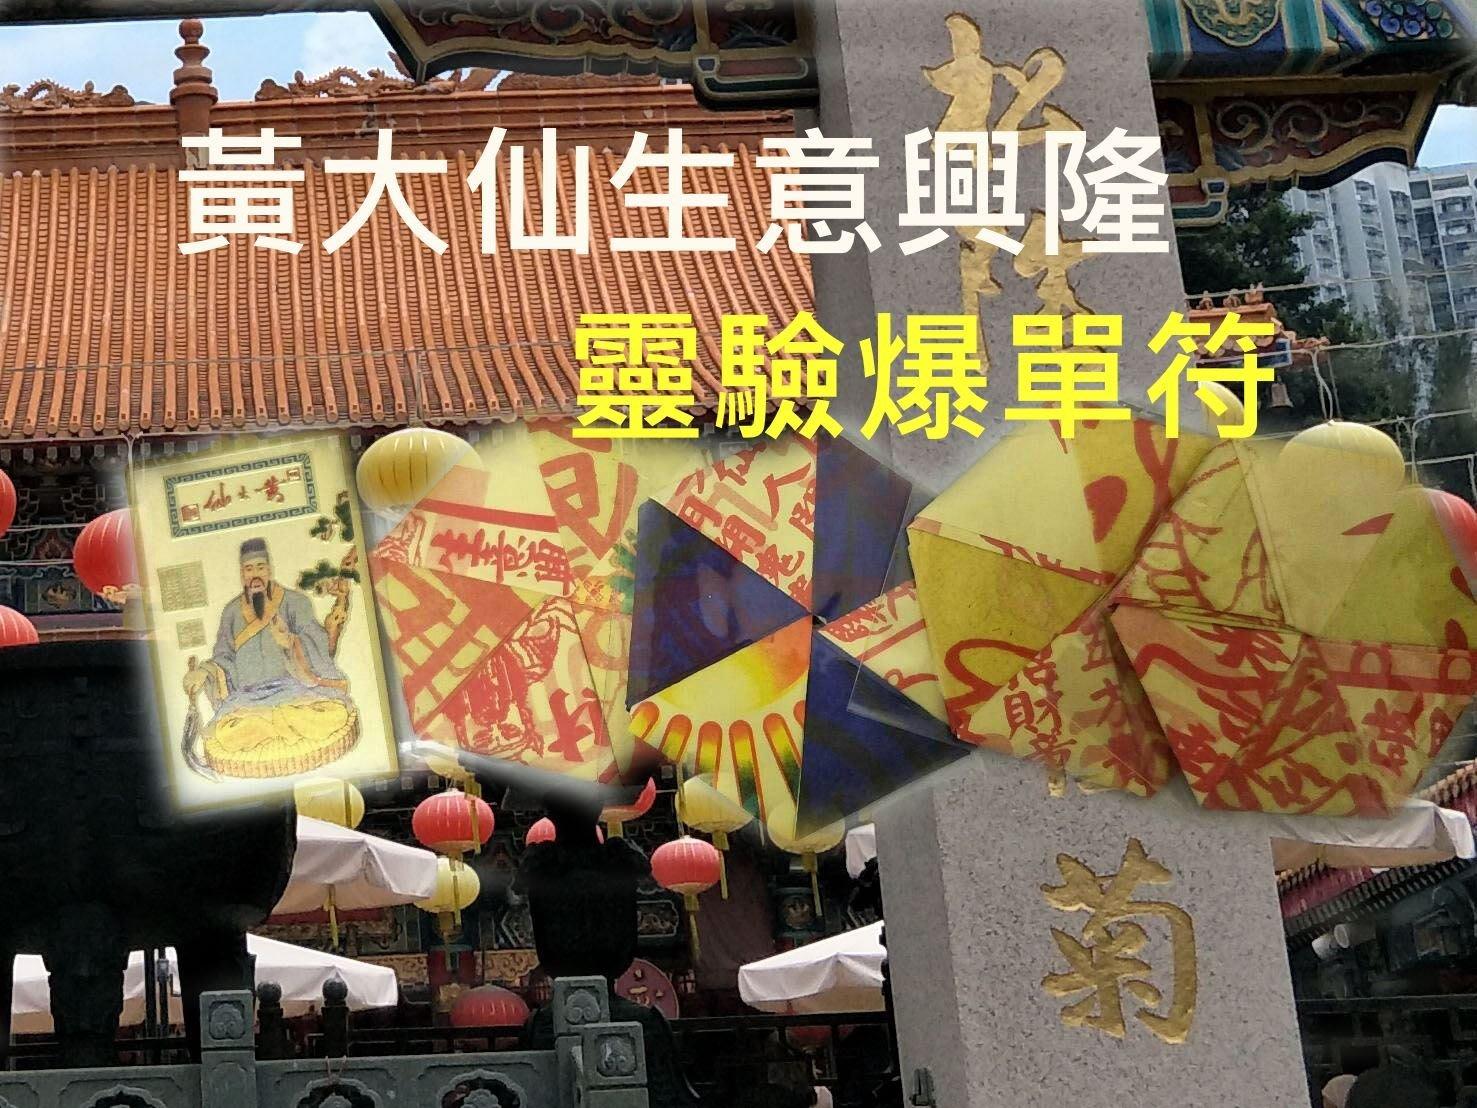 特價 香港 黃大仙 生意興隆 爆單符 有求必應~親請黃大仙祠過香火靈驗靈符